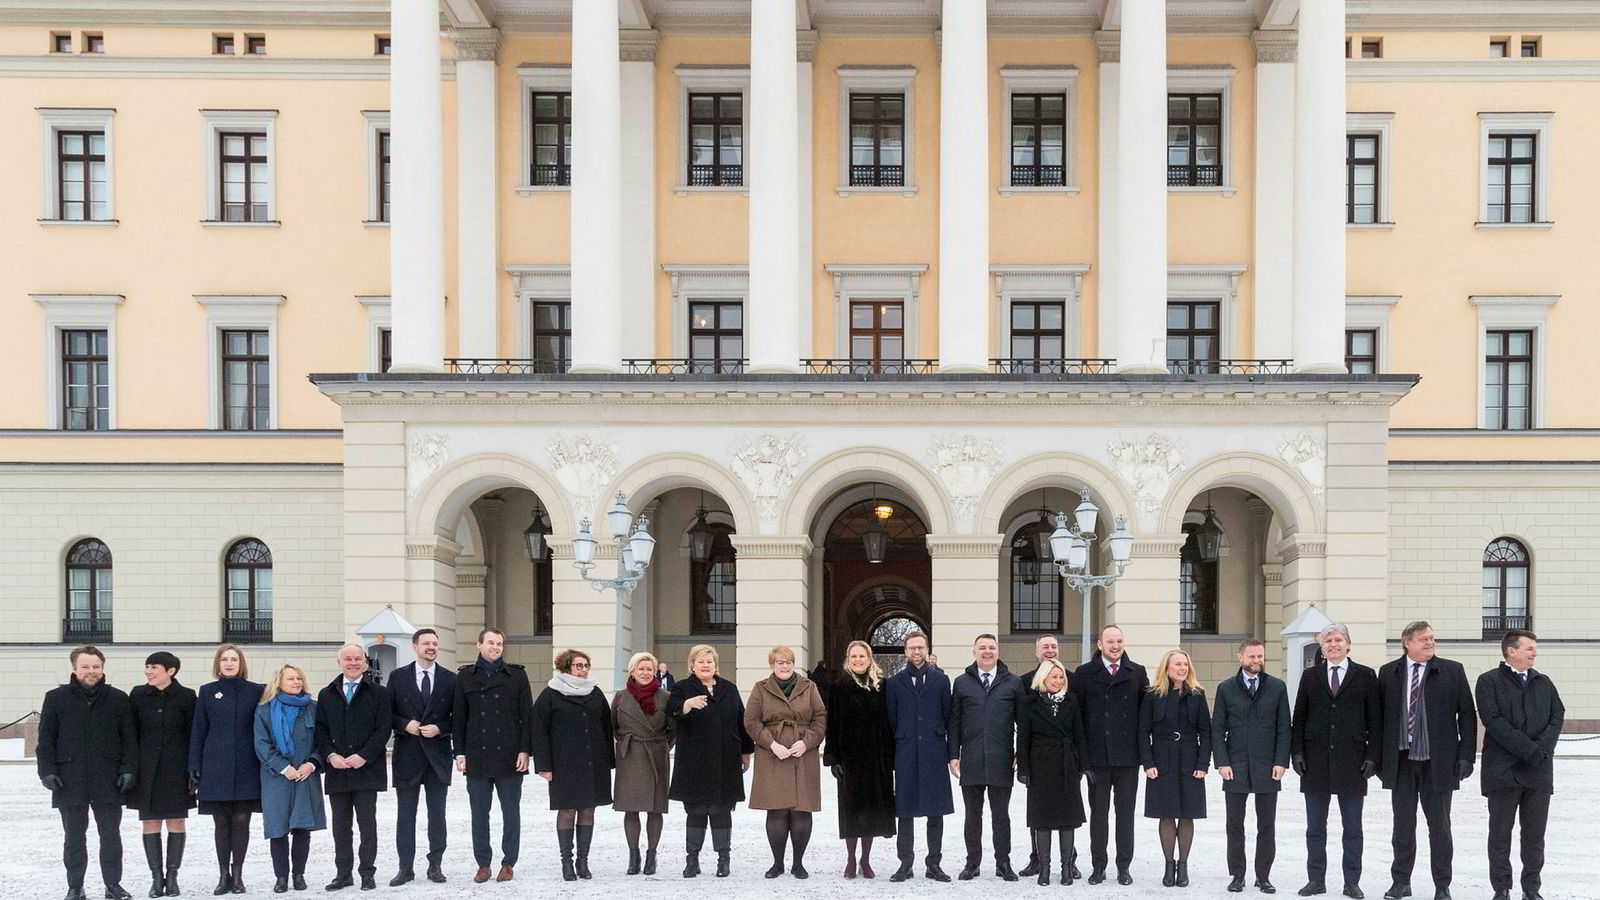 Statsminister Erna Solberg presenterte sin utvidede regjering etter ekstraordinært statsråd på Slottet tirsdag.